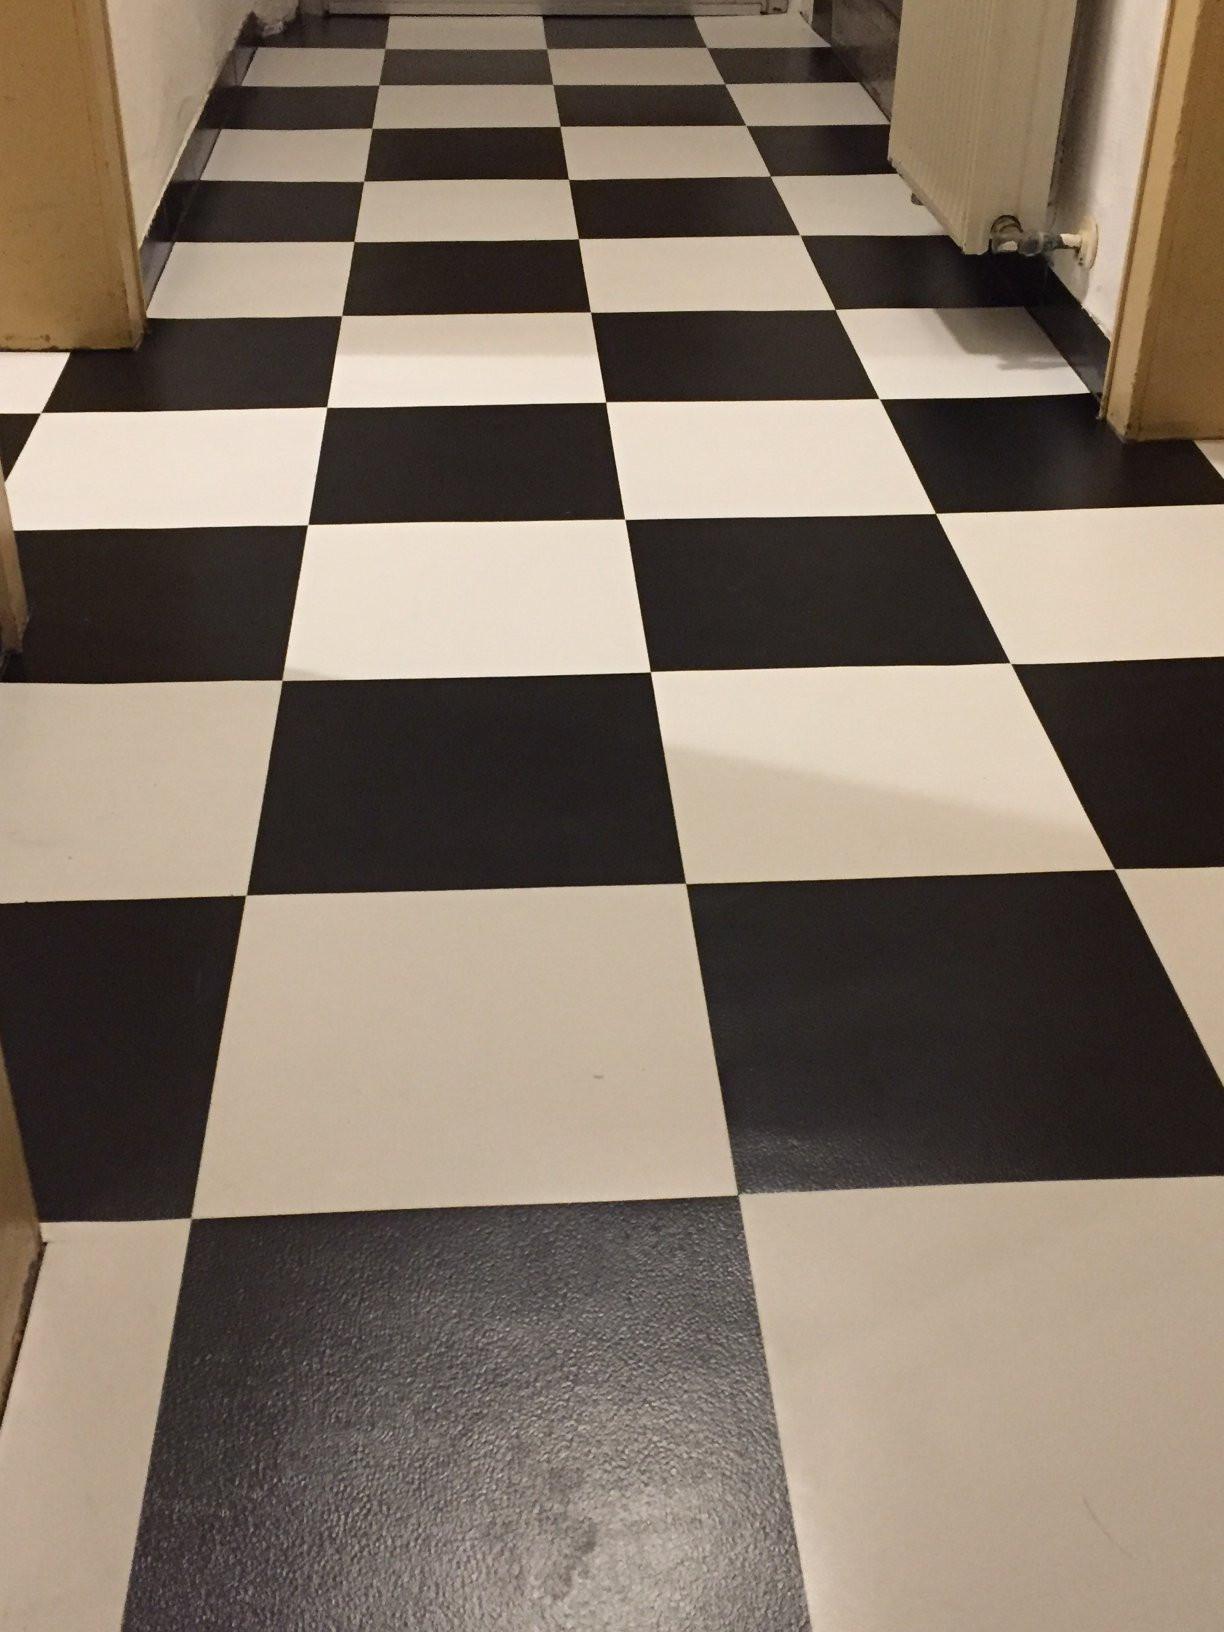 Selbstklebende Fliesen  Selbstklebende Vinyl Fliesen auf Fußboden verlegen